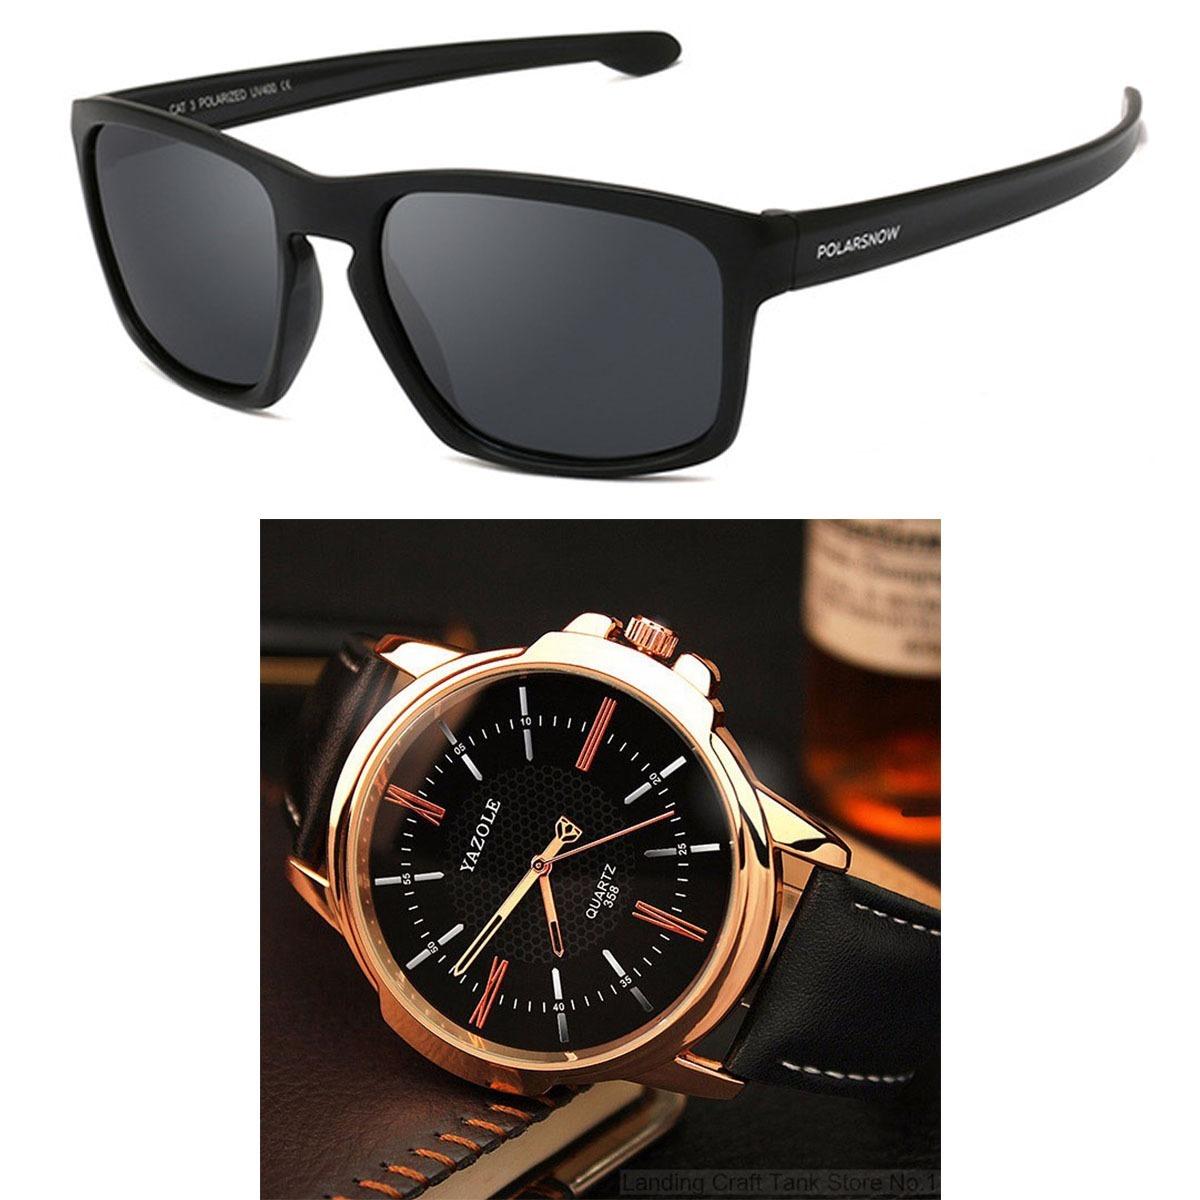 330c2de746 kit relógios masculinos baratos + óculos masculino p8966 n4p. Carregando  zoom.